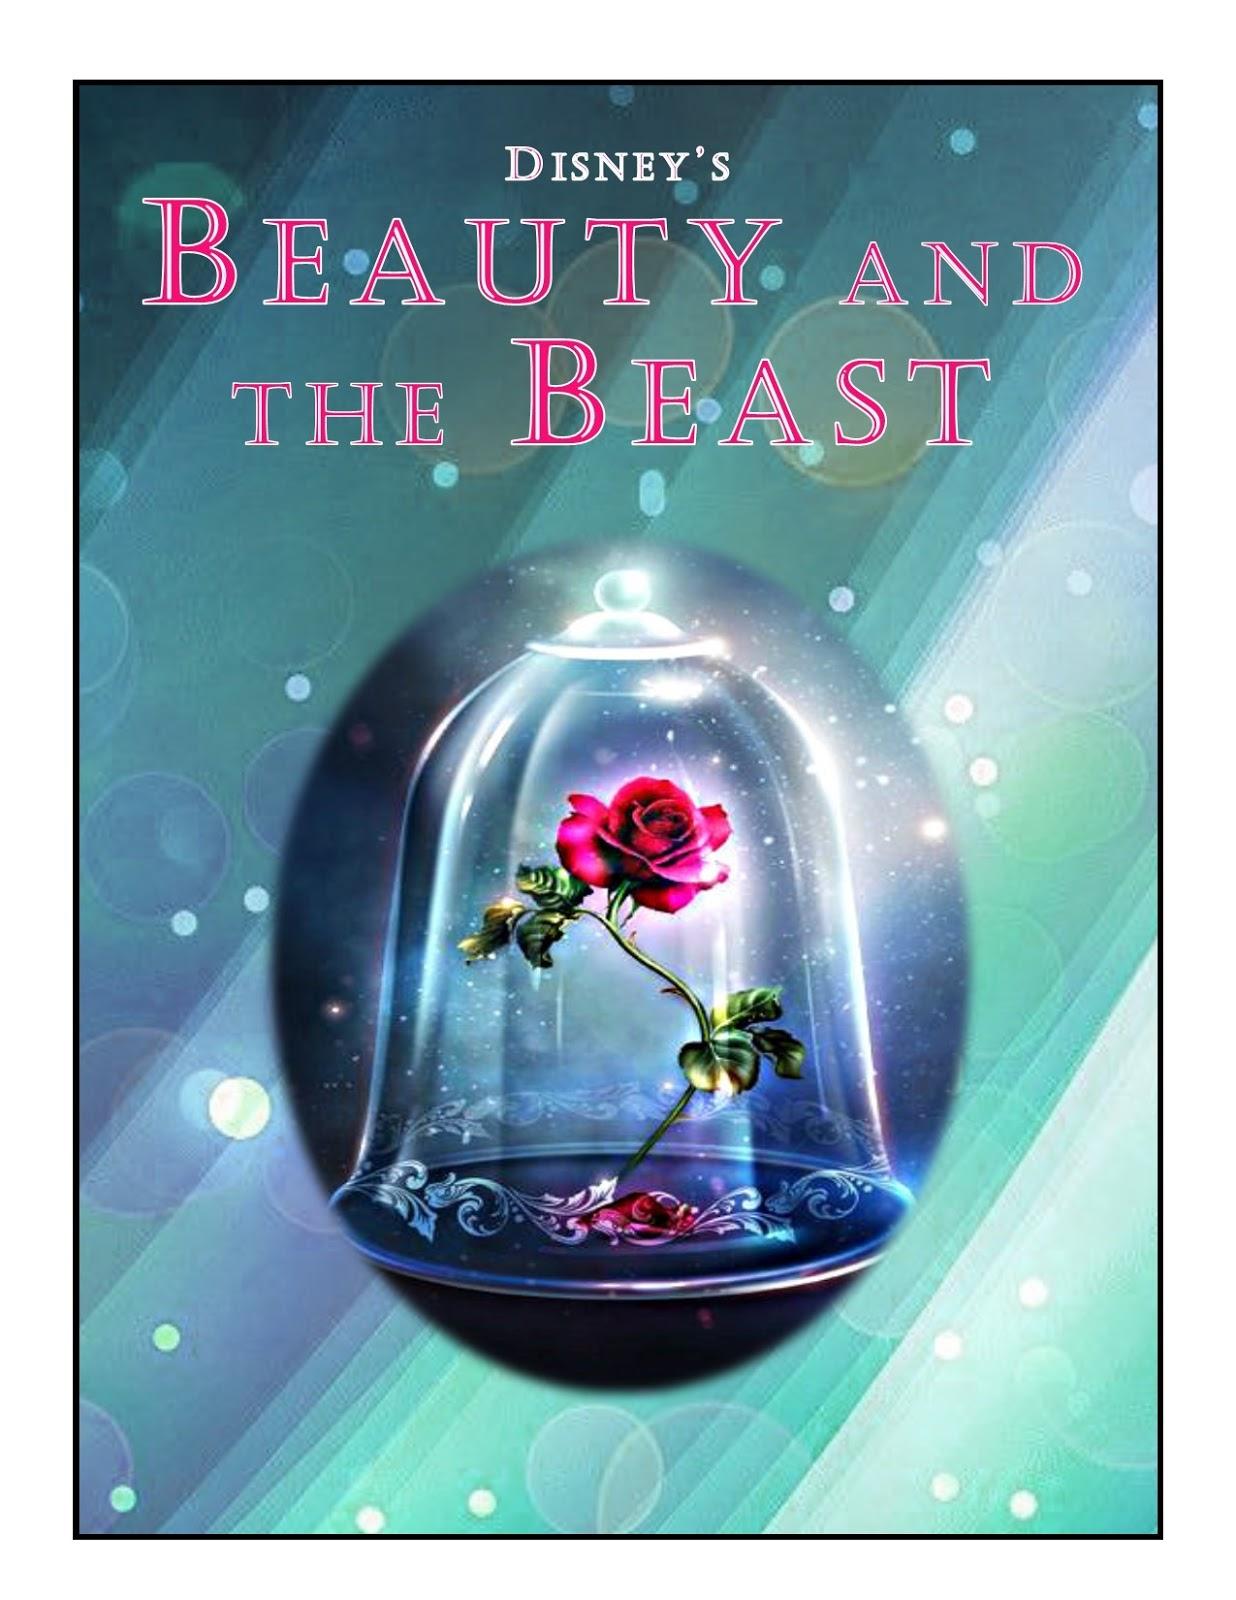 Nj Arts Maven Centenary Stage Company S Annual Holiday Family Spectacular Disney S Beauty And The Beast Opens November 29